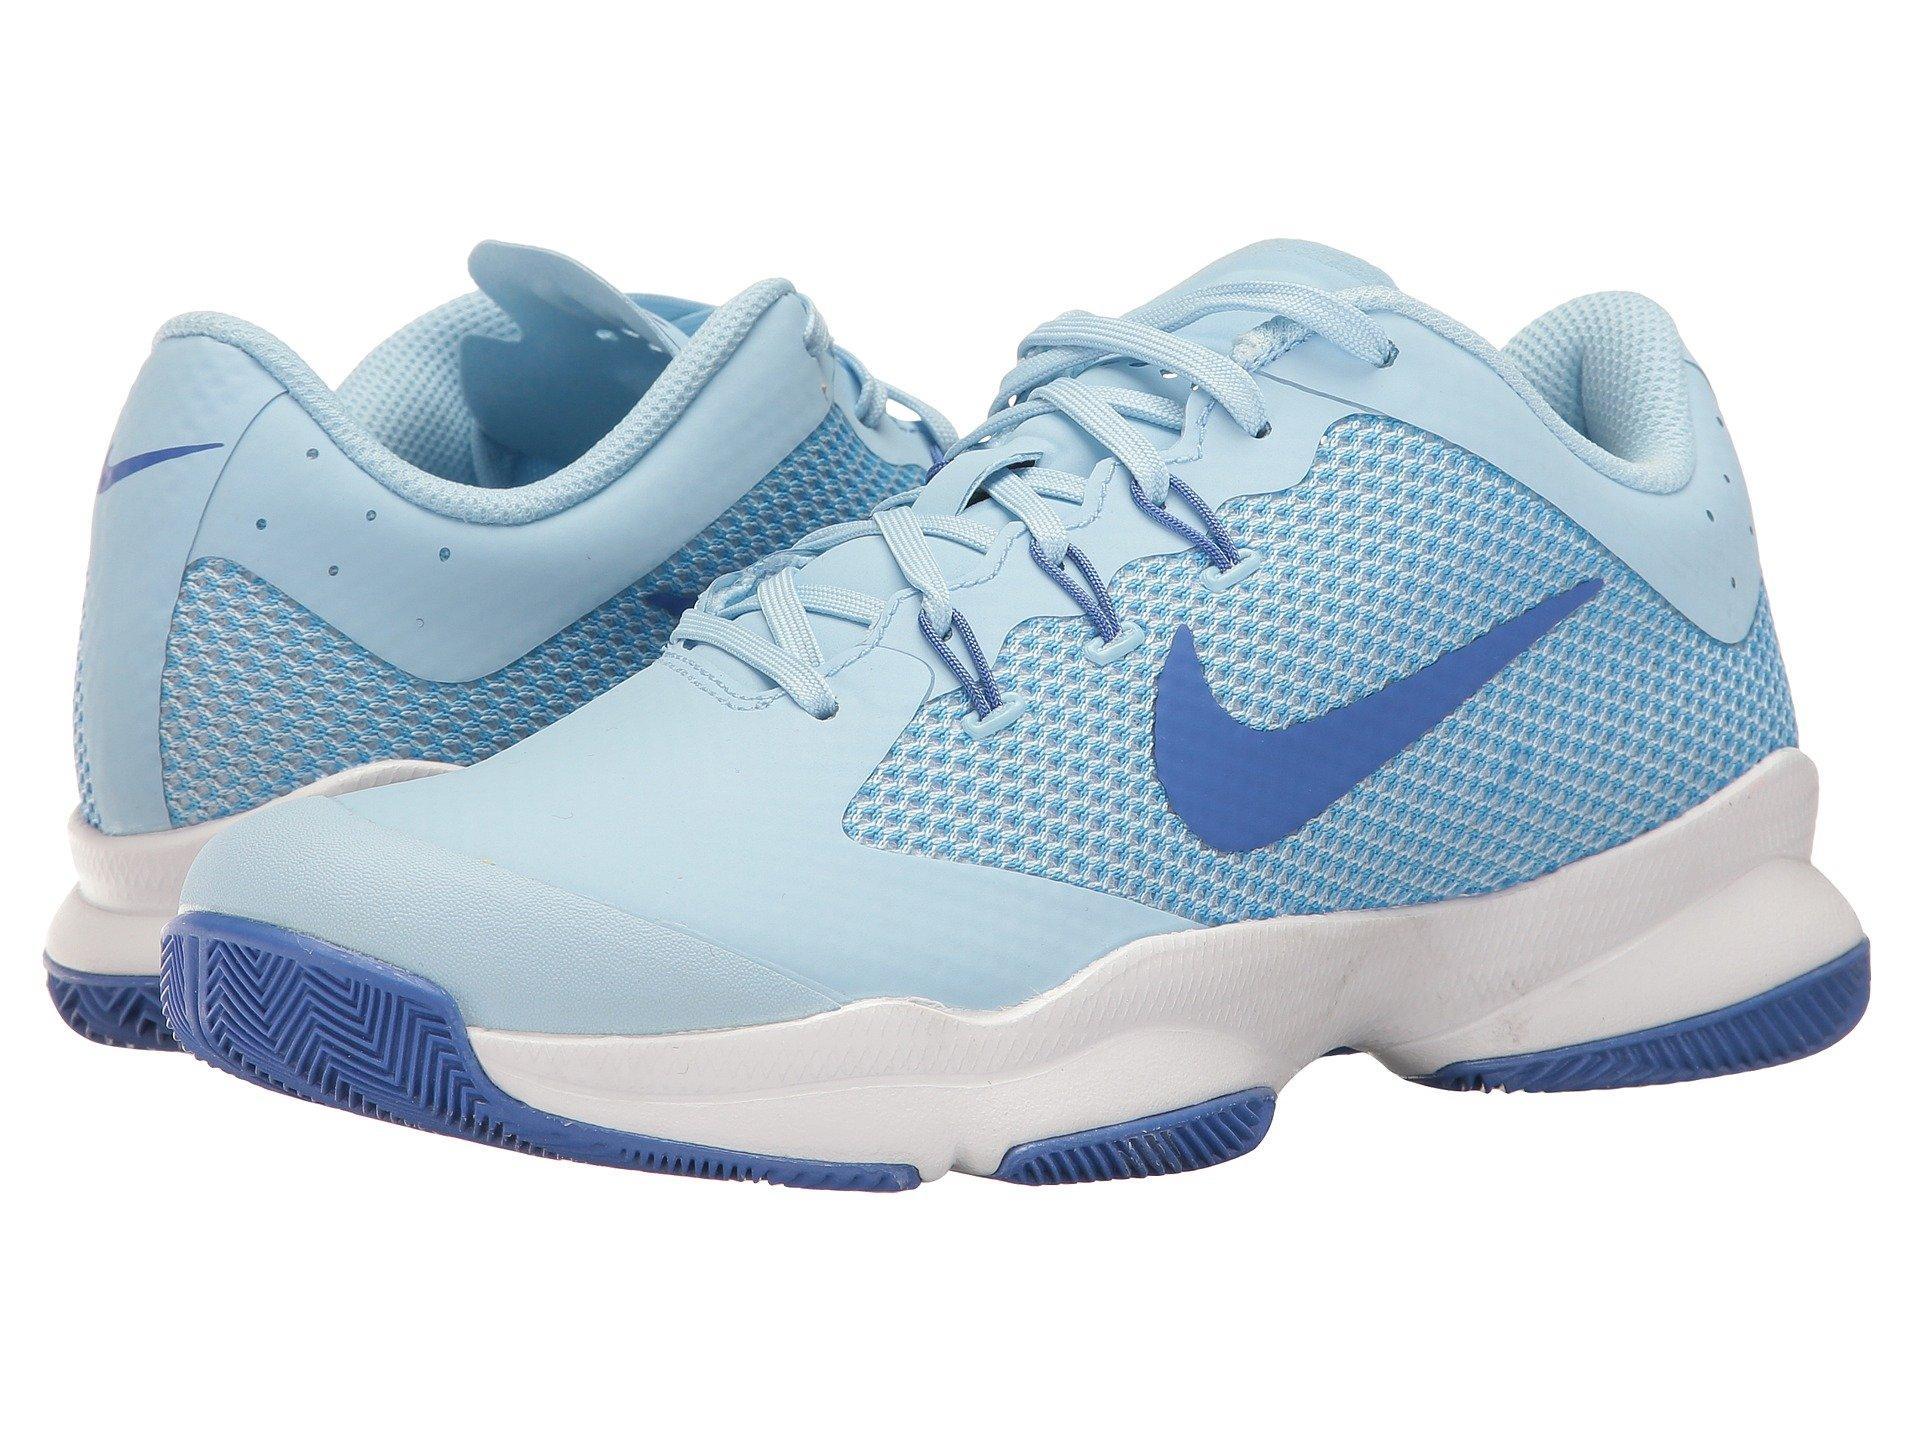 c8f3a3216fe09 Nike Air Zoom Ultra